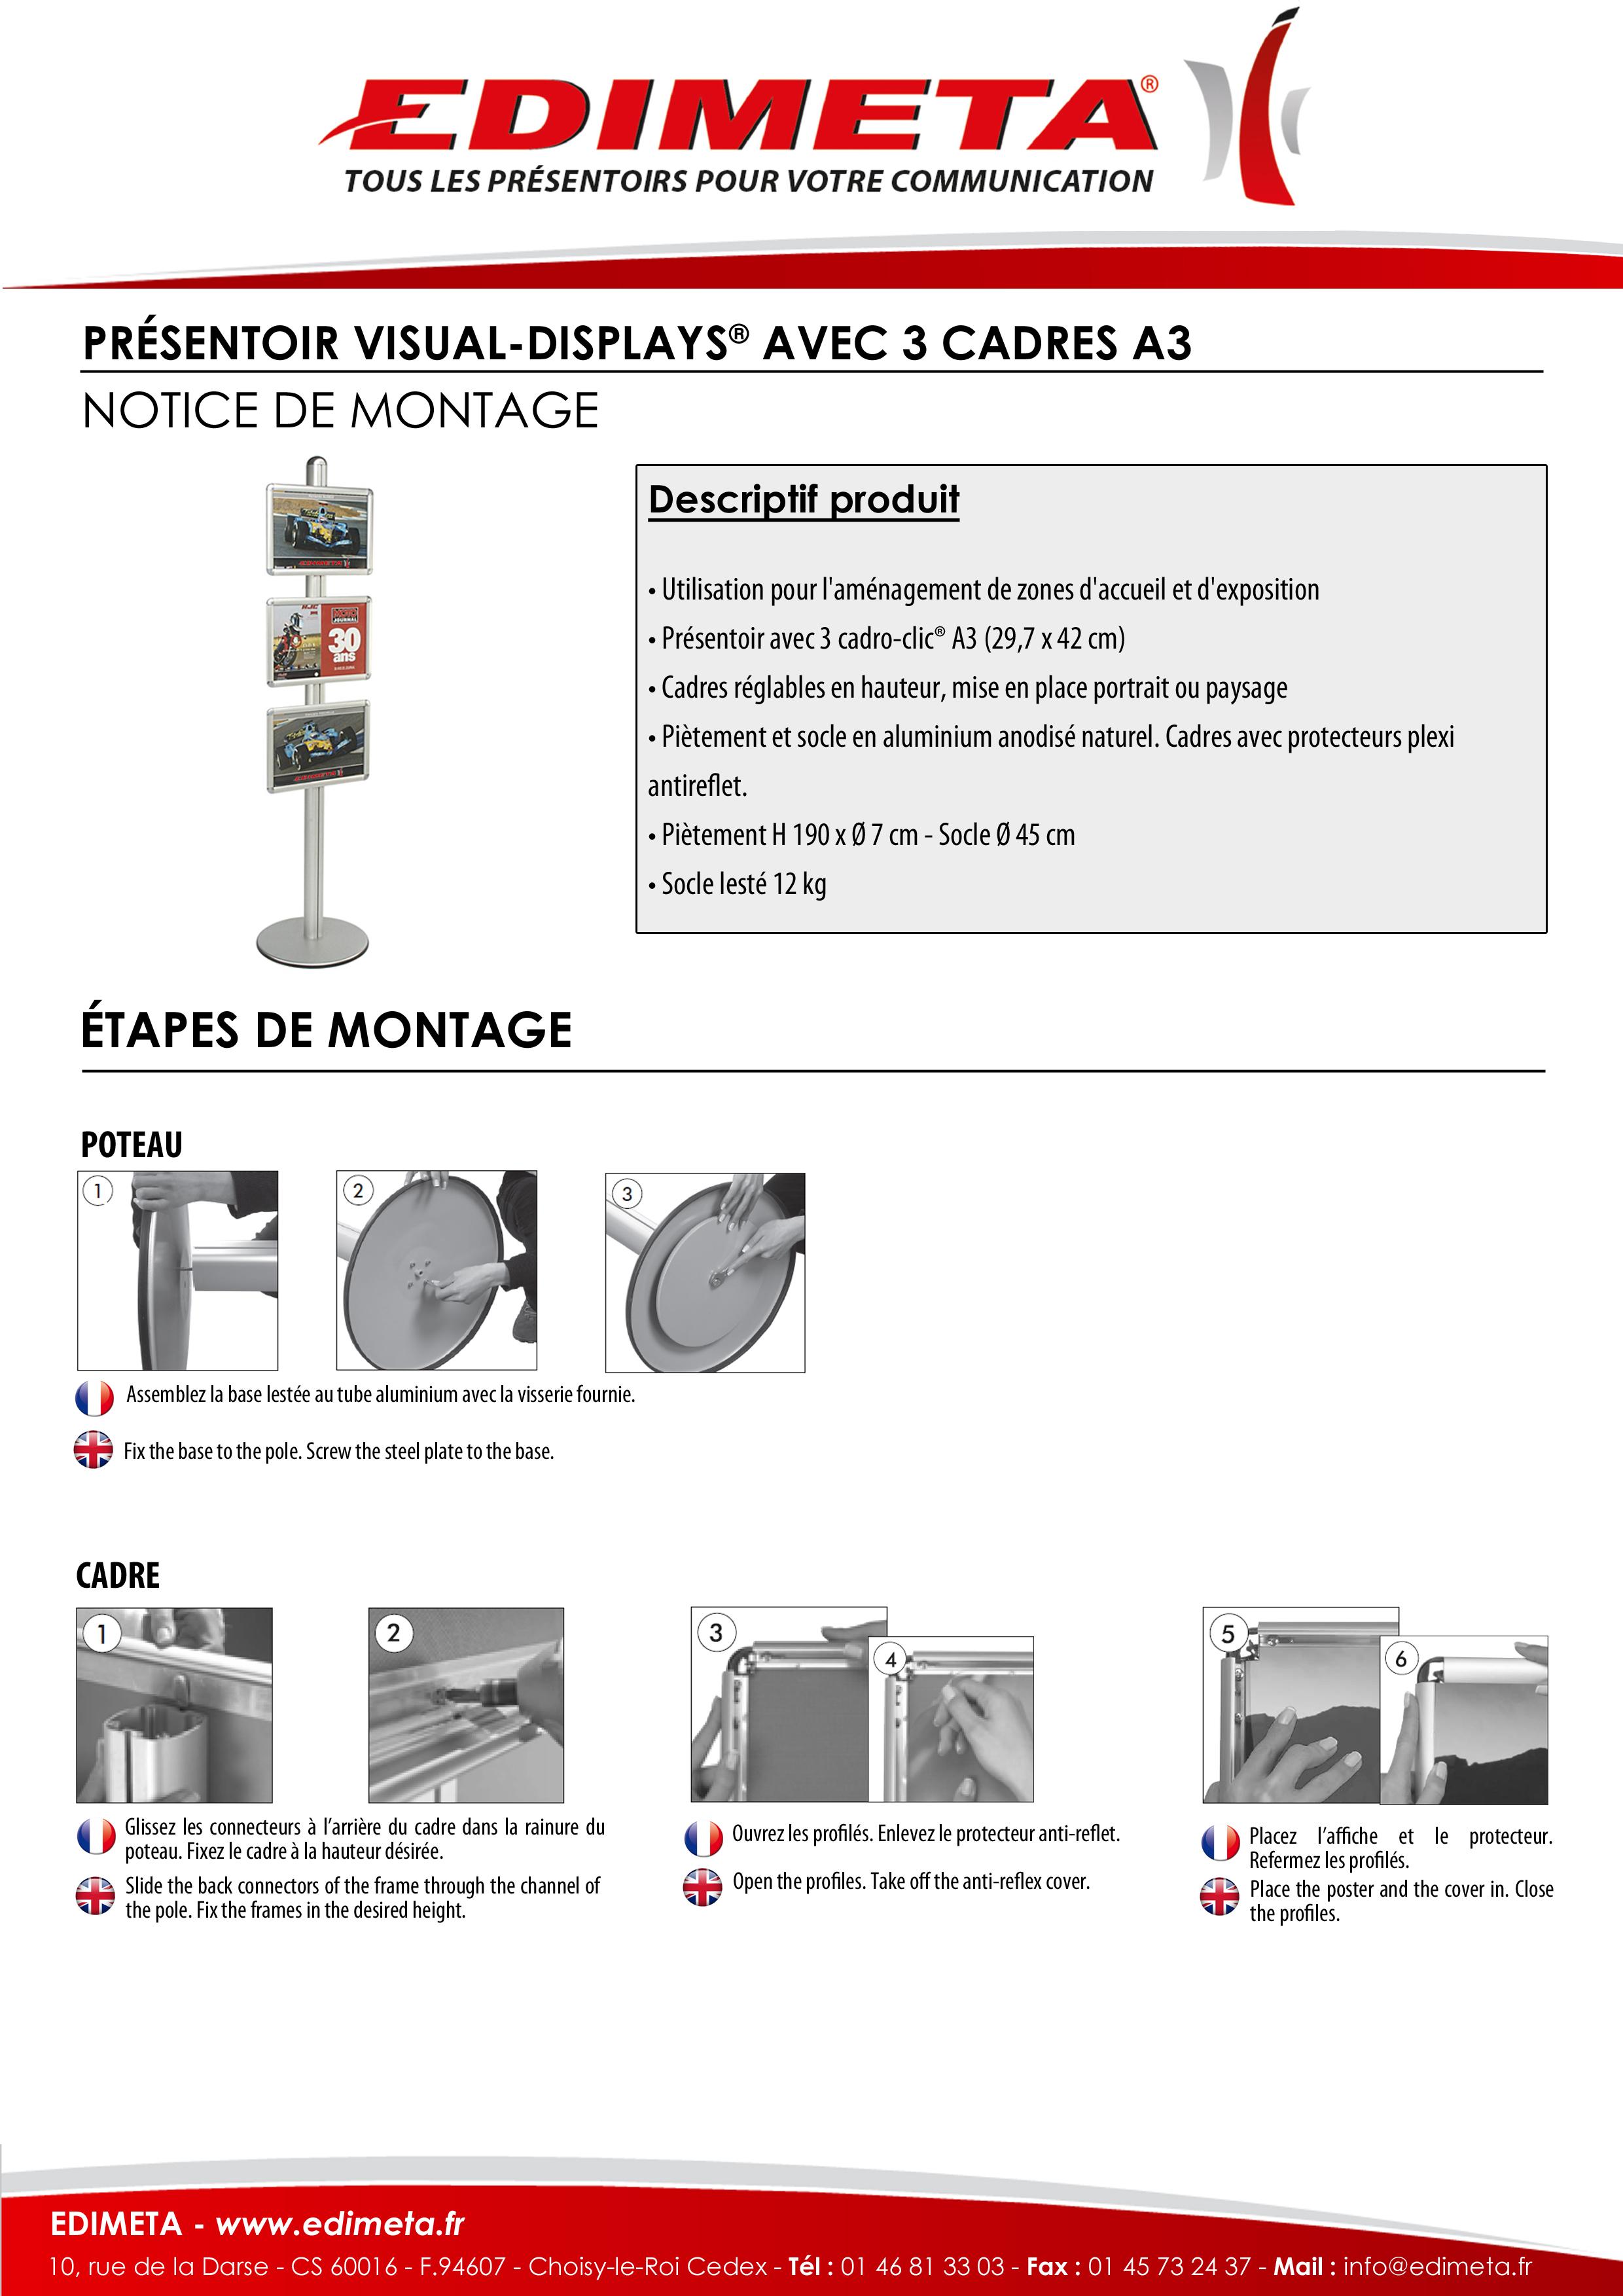 NOTICE DE MONTAGE : PRÉSENTOIR VISUAL-DISPLAYS® AVEC 3 CADRES A3